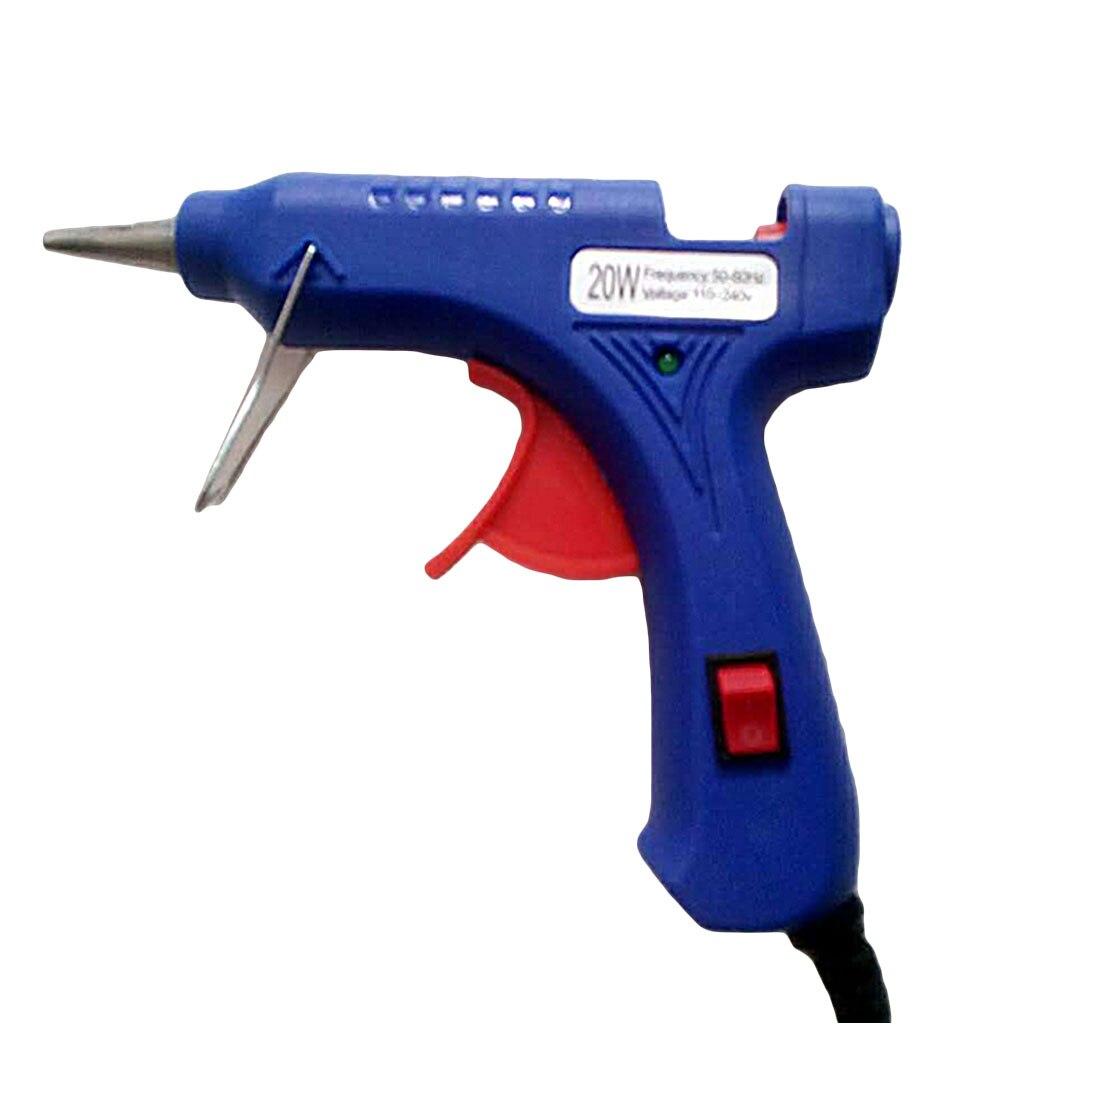 Мини пистолеты термо Электрический тепла температура инструмент Вт 20 Вт ЕС Plug термоплавкий Клеевой пистолет для мм 7 мм Клей